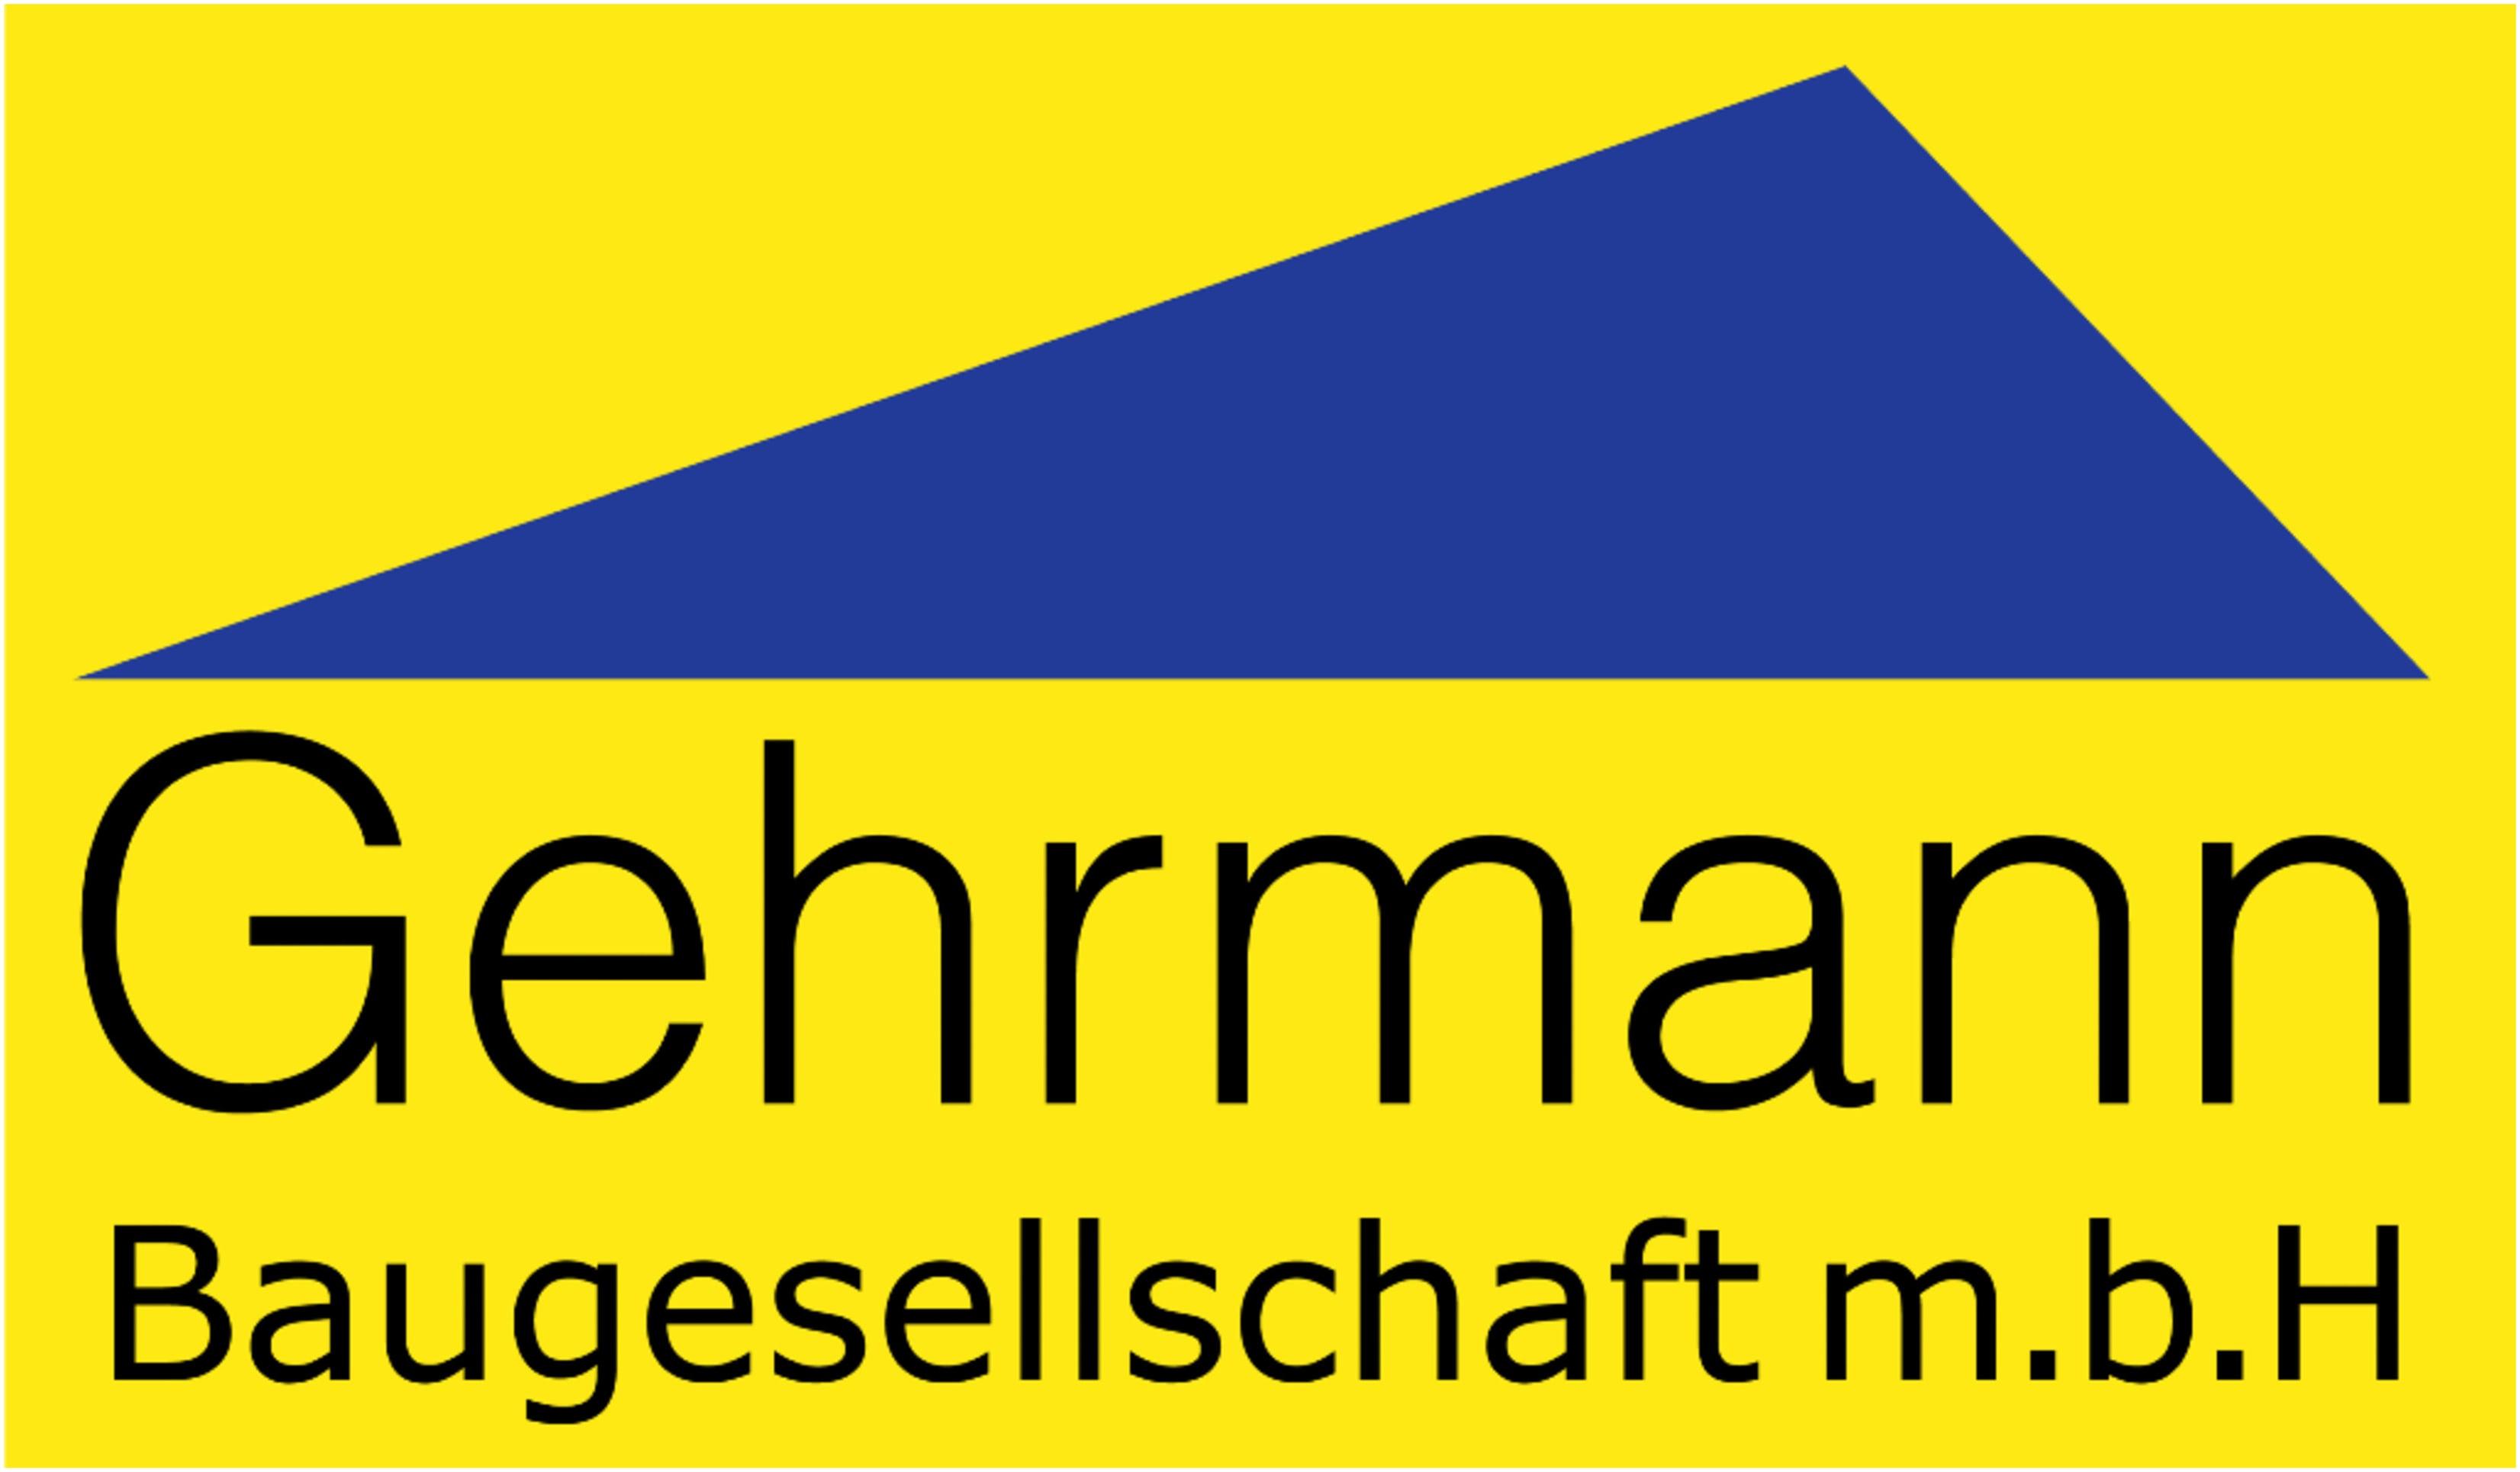 logo Gehrmann Baugesellschaft m.b.H.